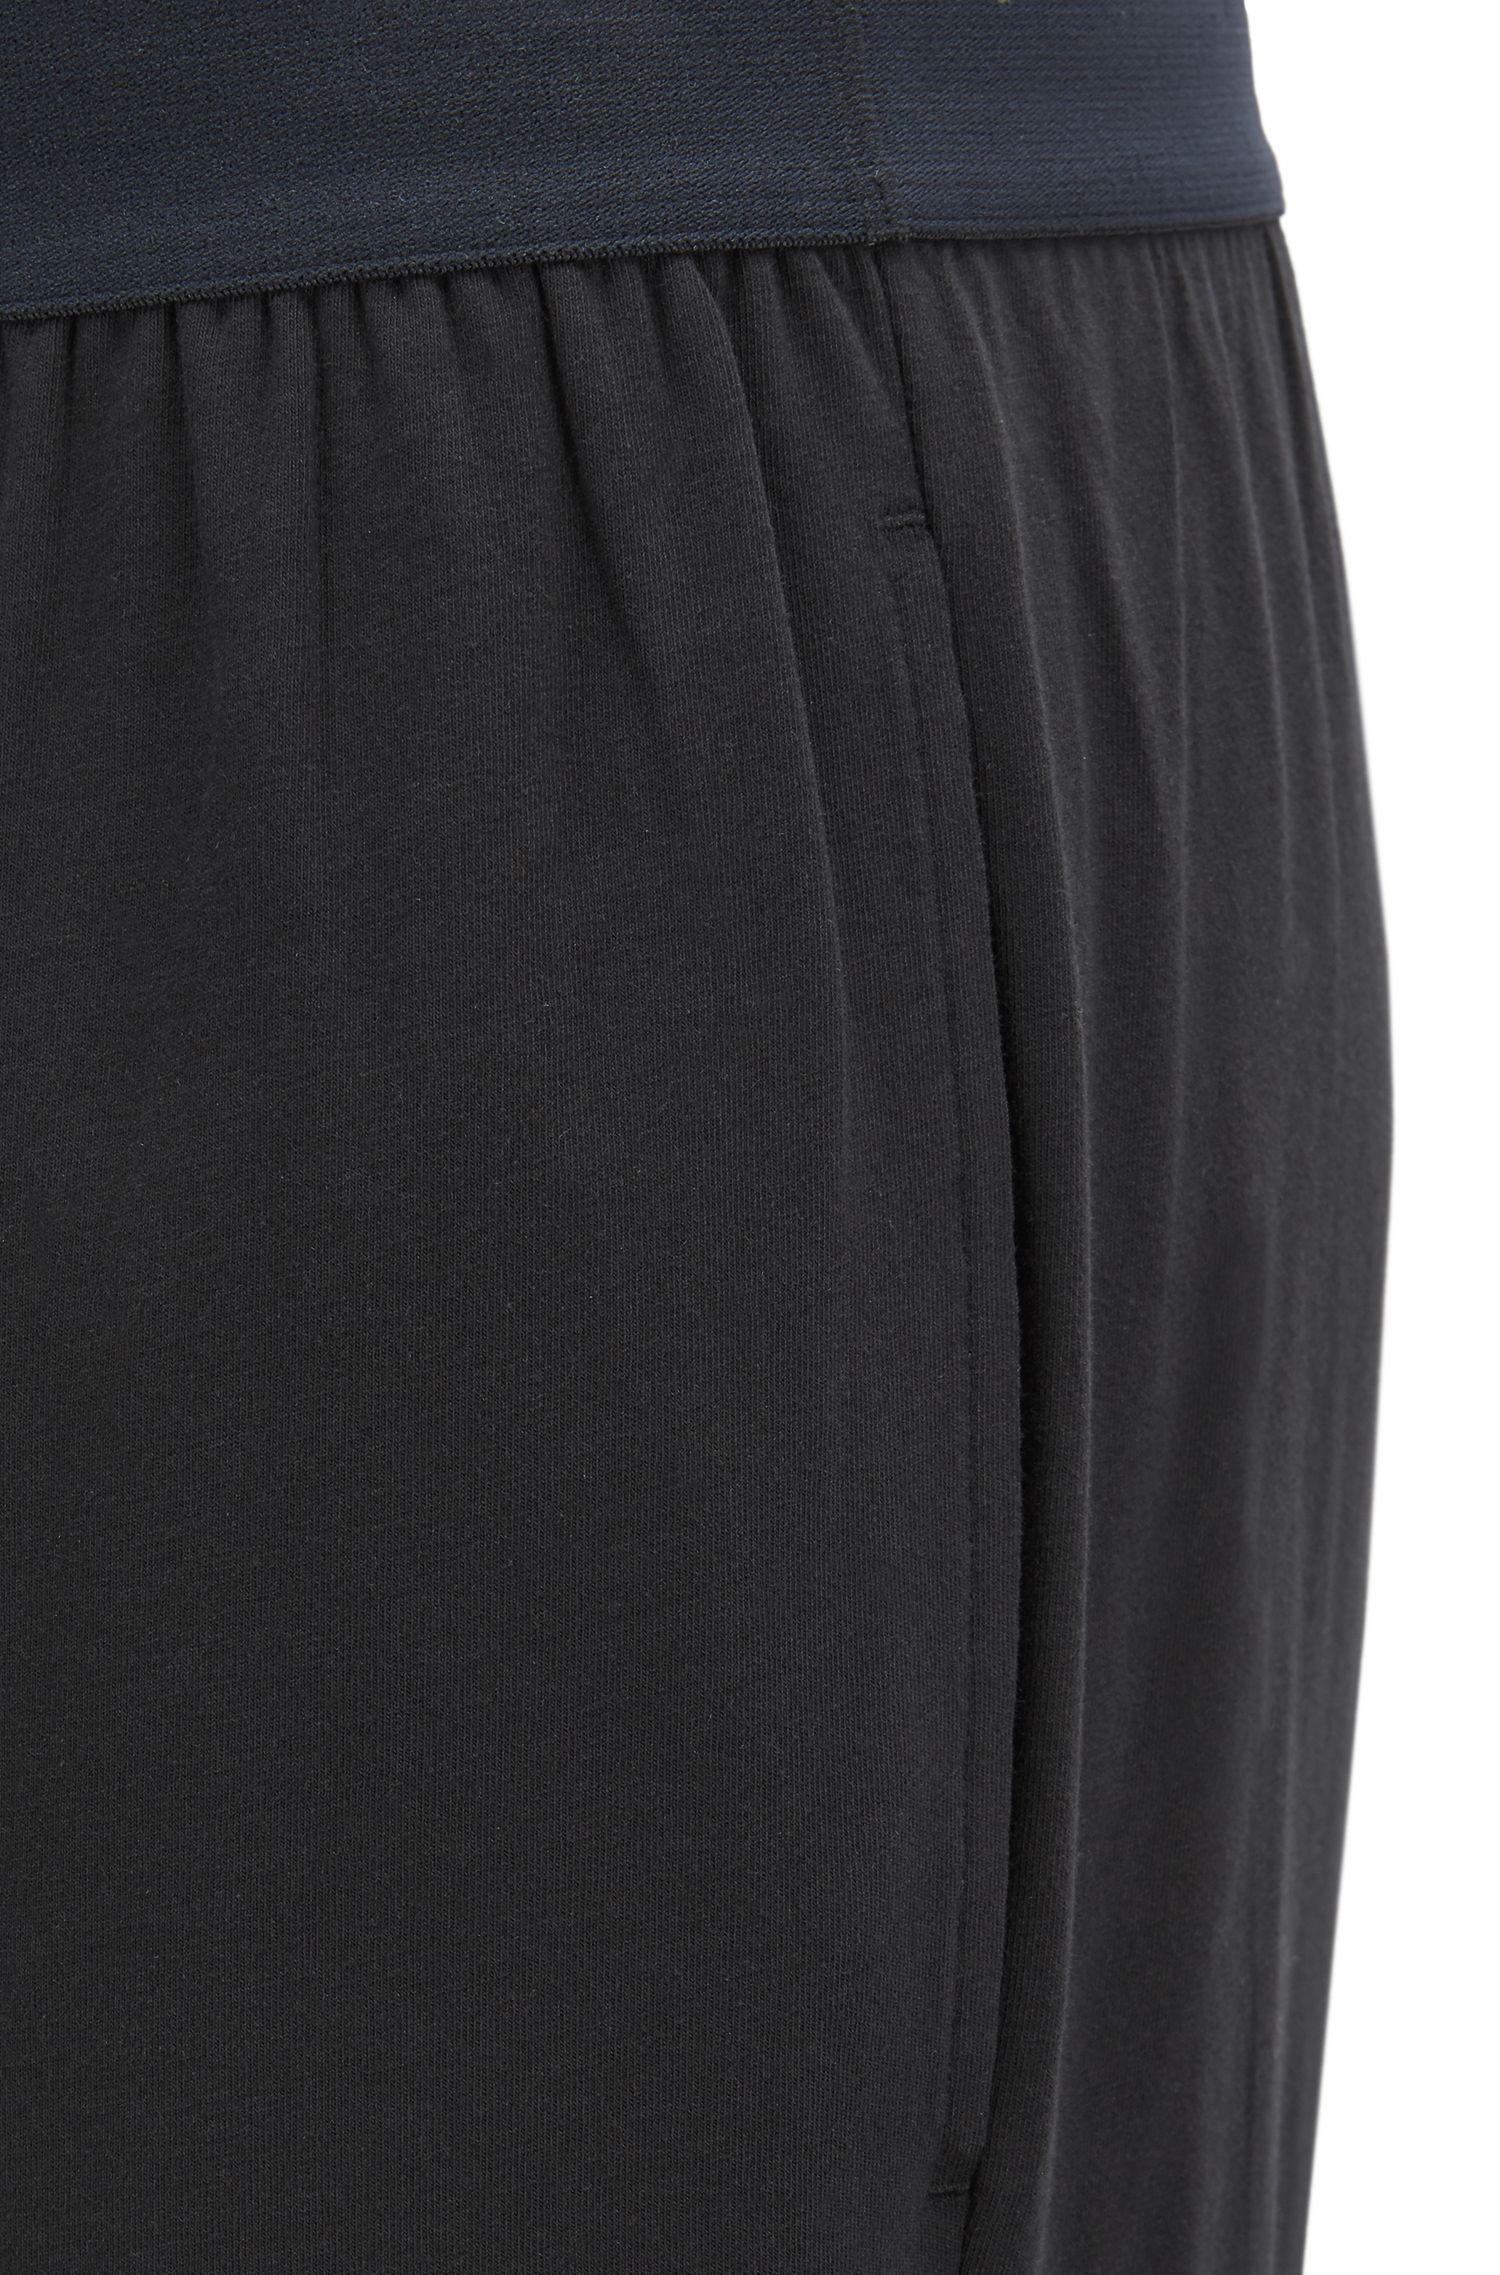 Pantaloni del pigiama in cotone elasticizzato con logo in vita, Nero